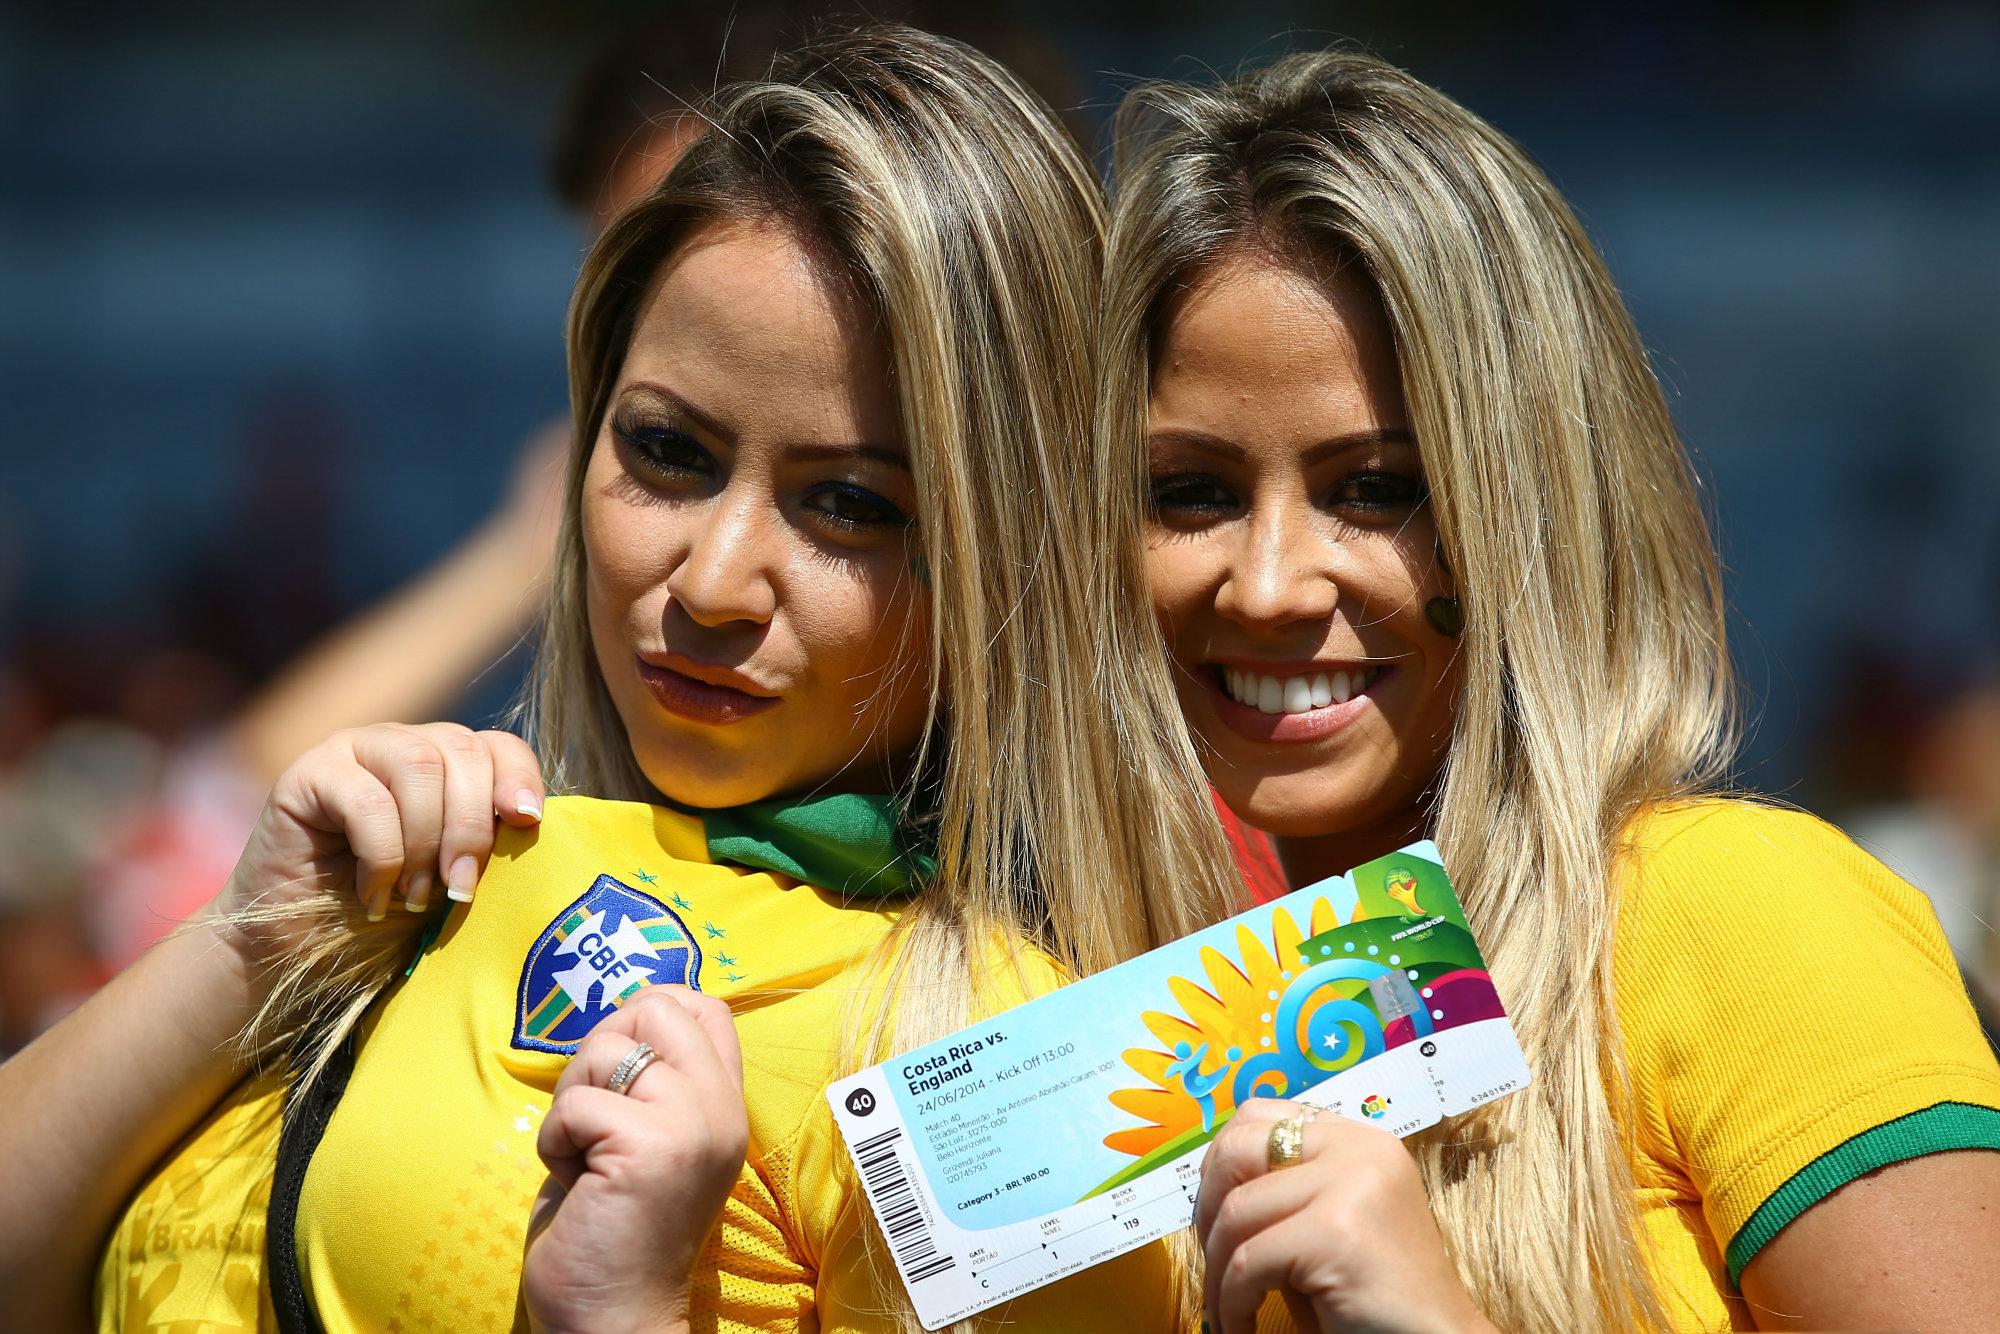 les supportrices de la coupe du monde 2014 - supportrices du br u00e9sil